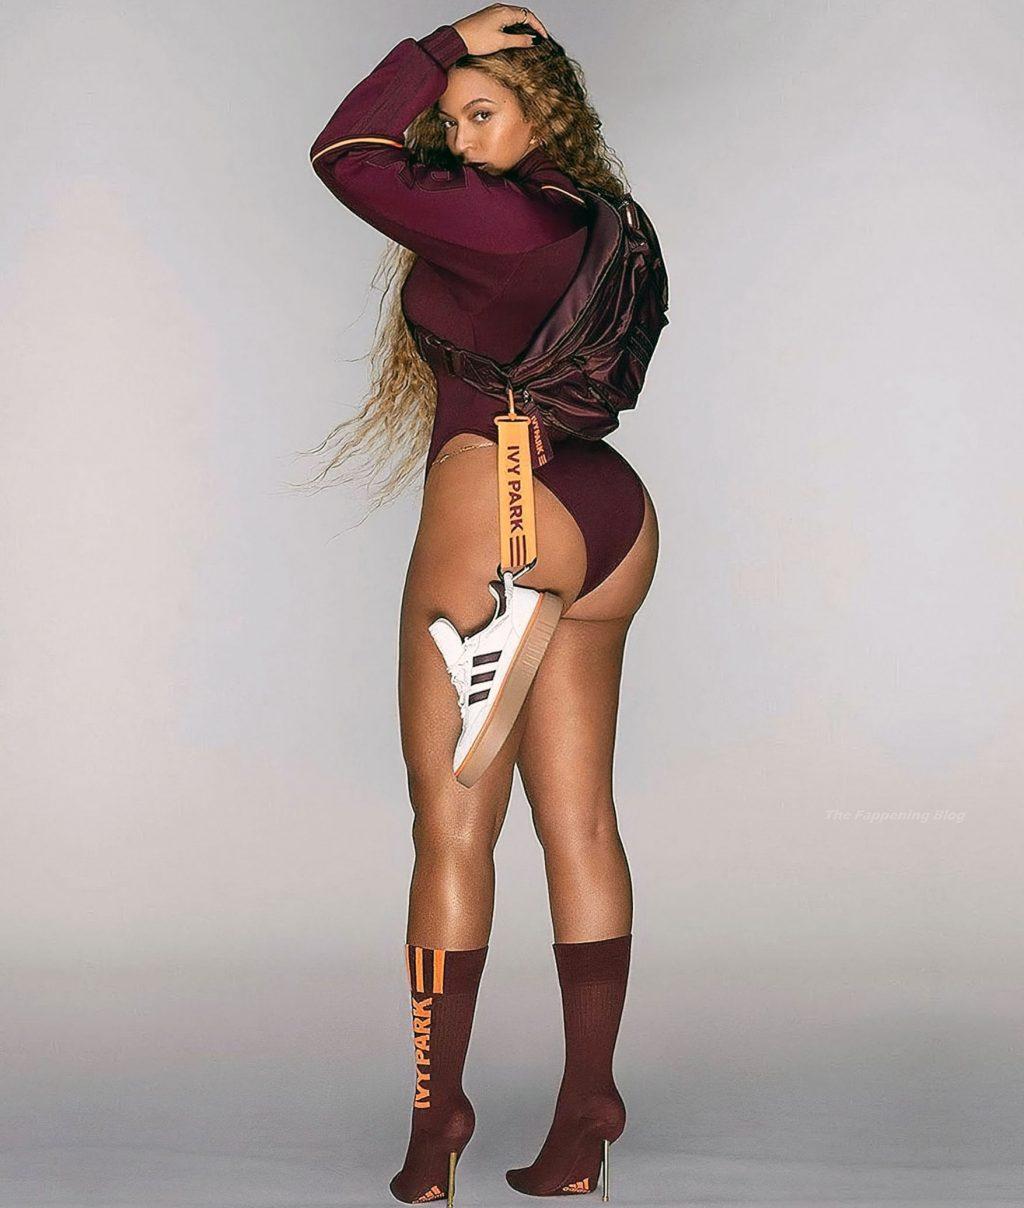 Beyonce butt